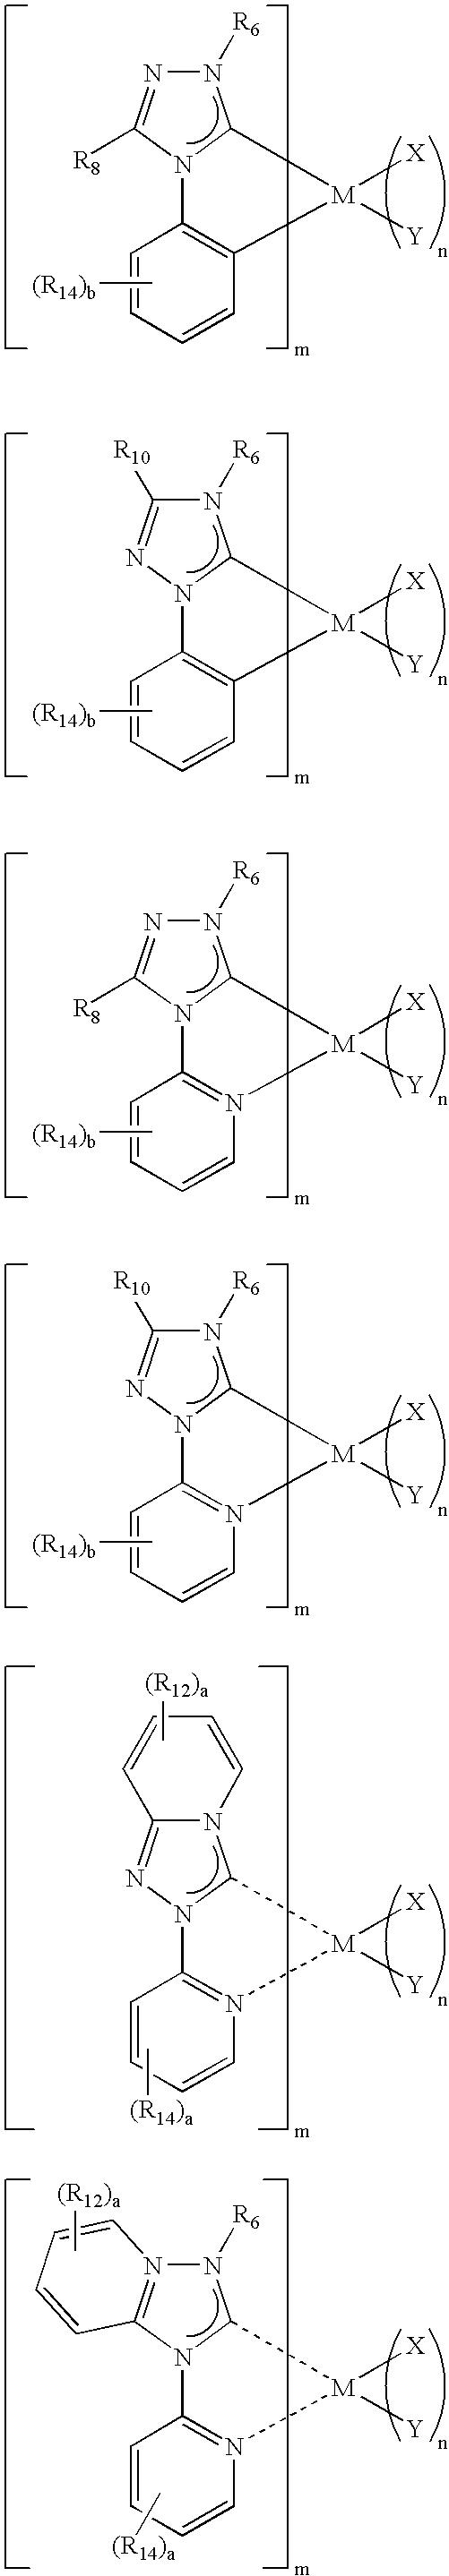 Figure US07491823-20090217-C00039